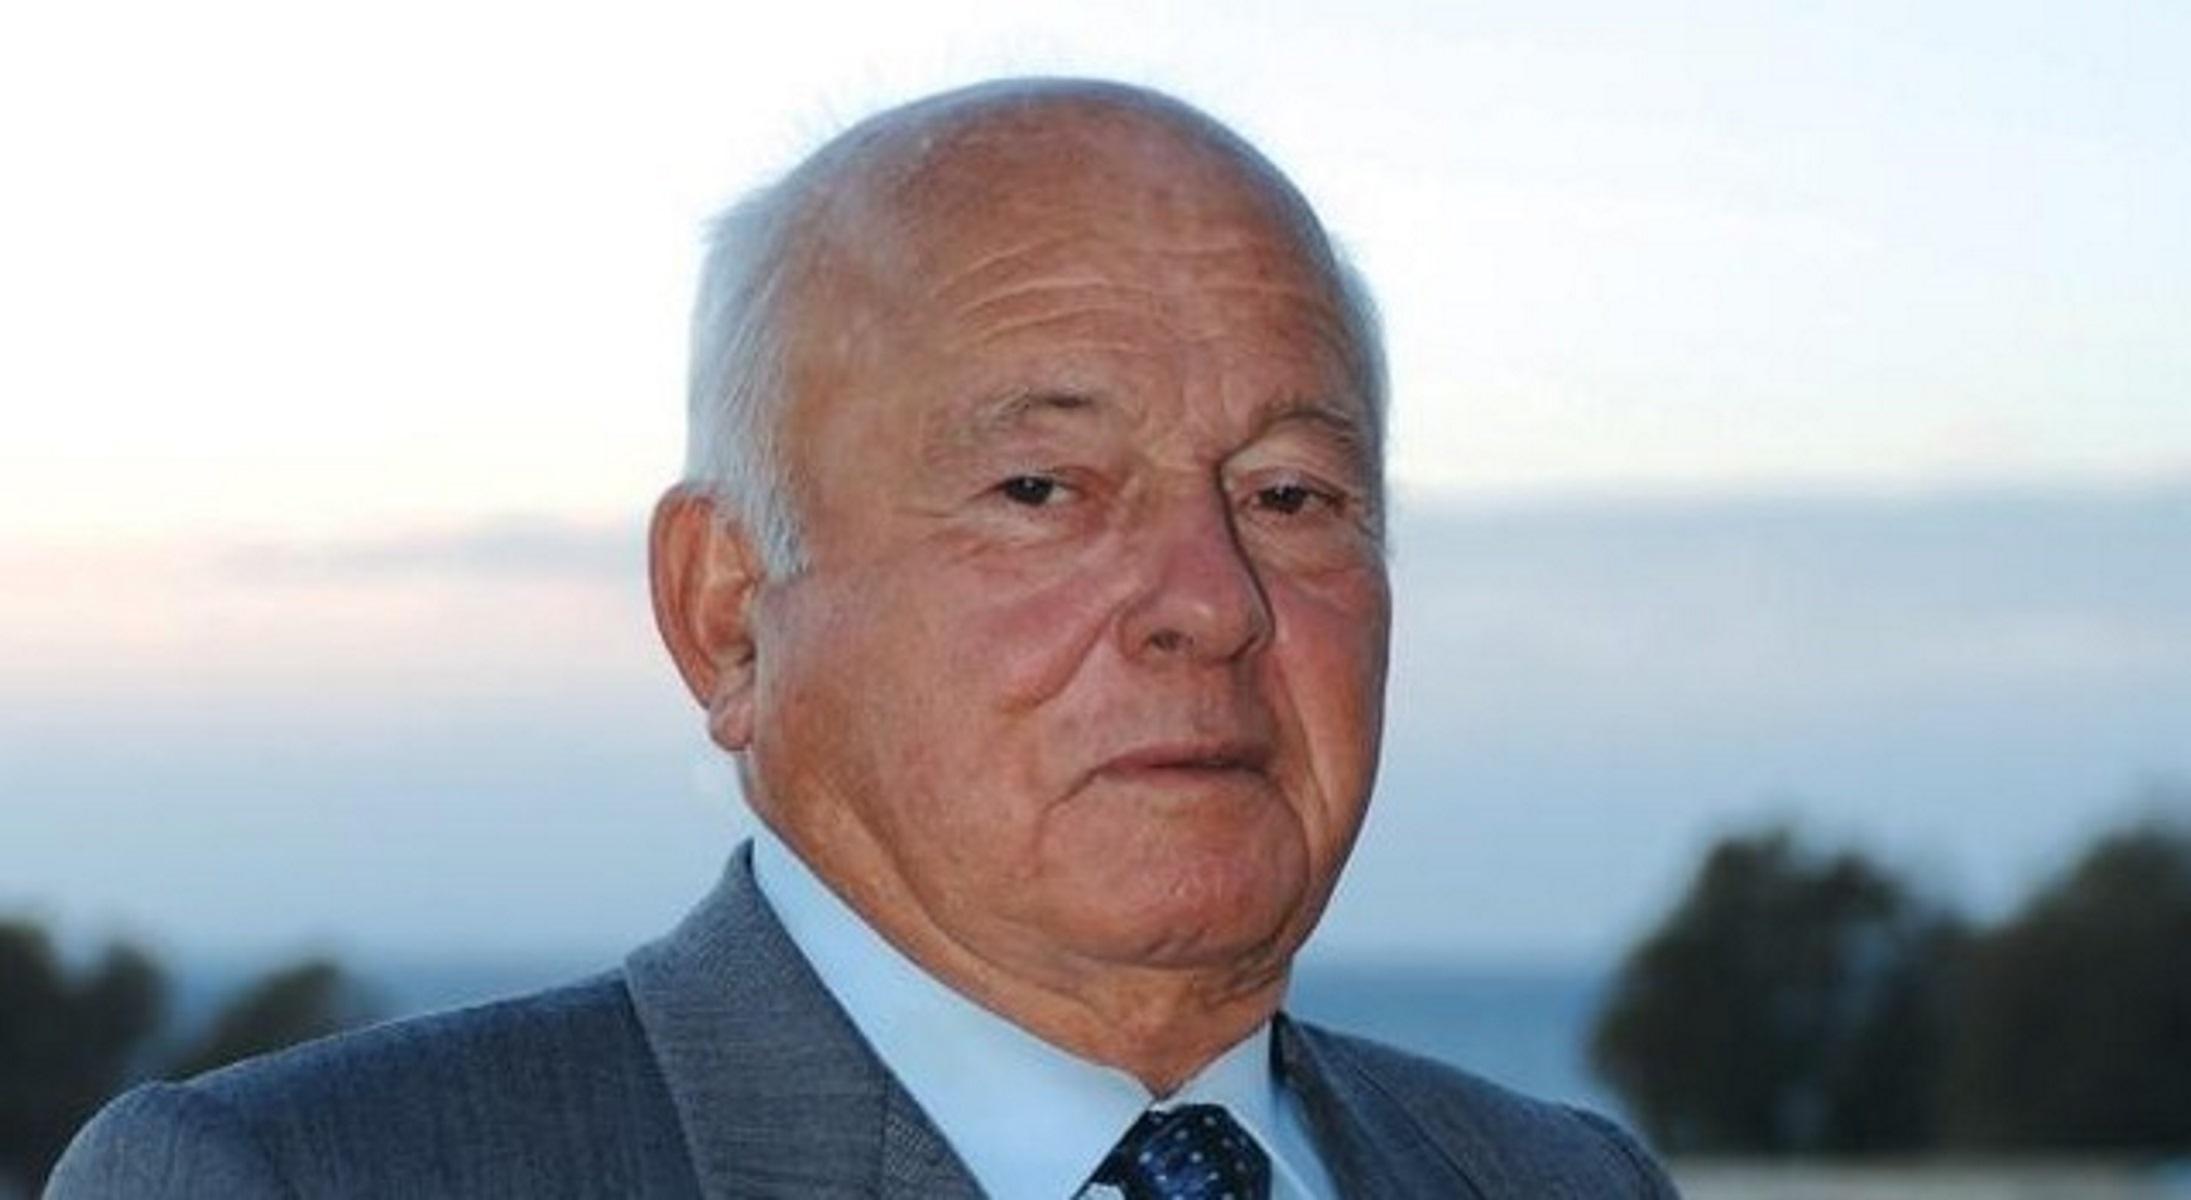 Κ. Μαντωνανάκης: Απεβίωσε ο ιδρυτής του Elounda Beach – Η ζωή και το έργο του ισχυρού ξενοδόχου